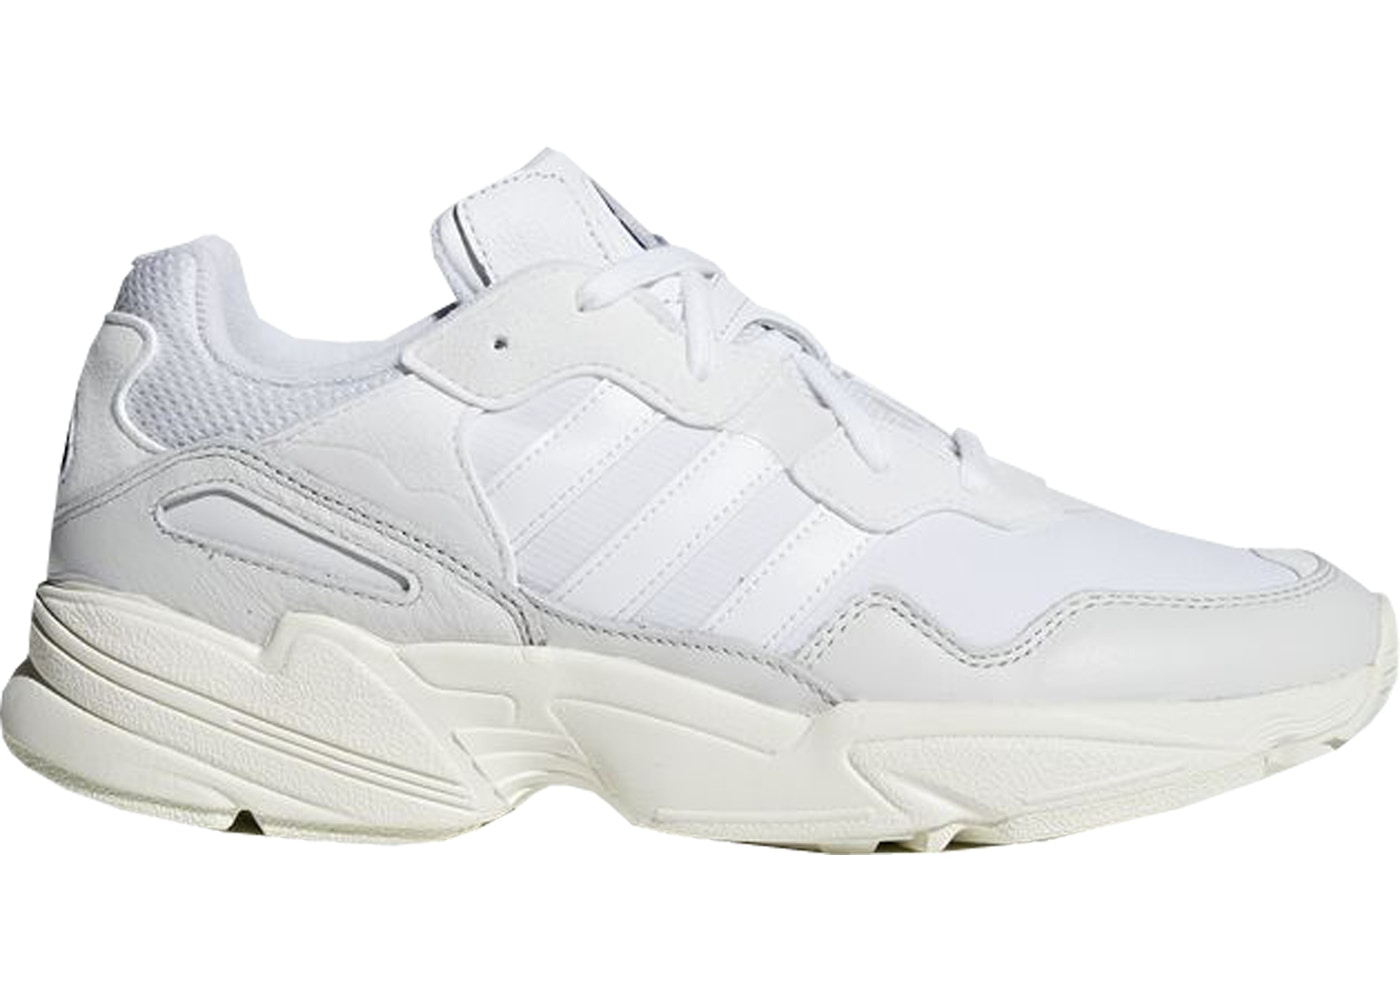 size 40 909a1 596e1 adidas Yung-96 Triple White